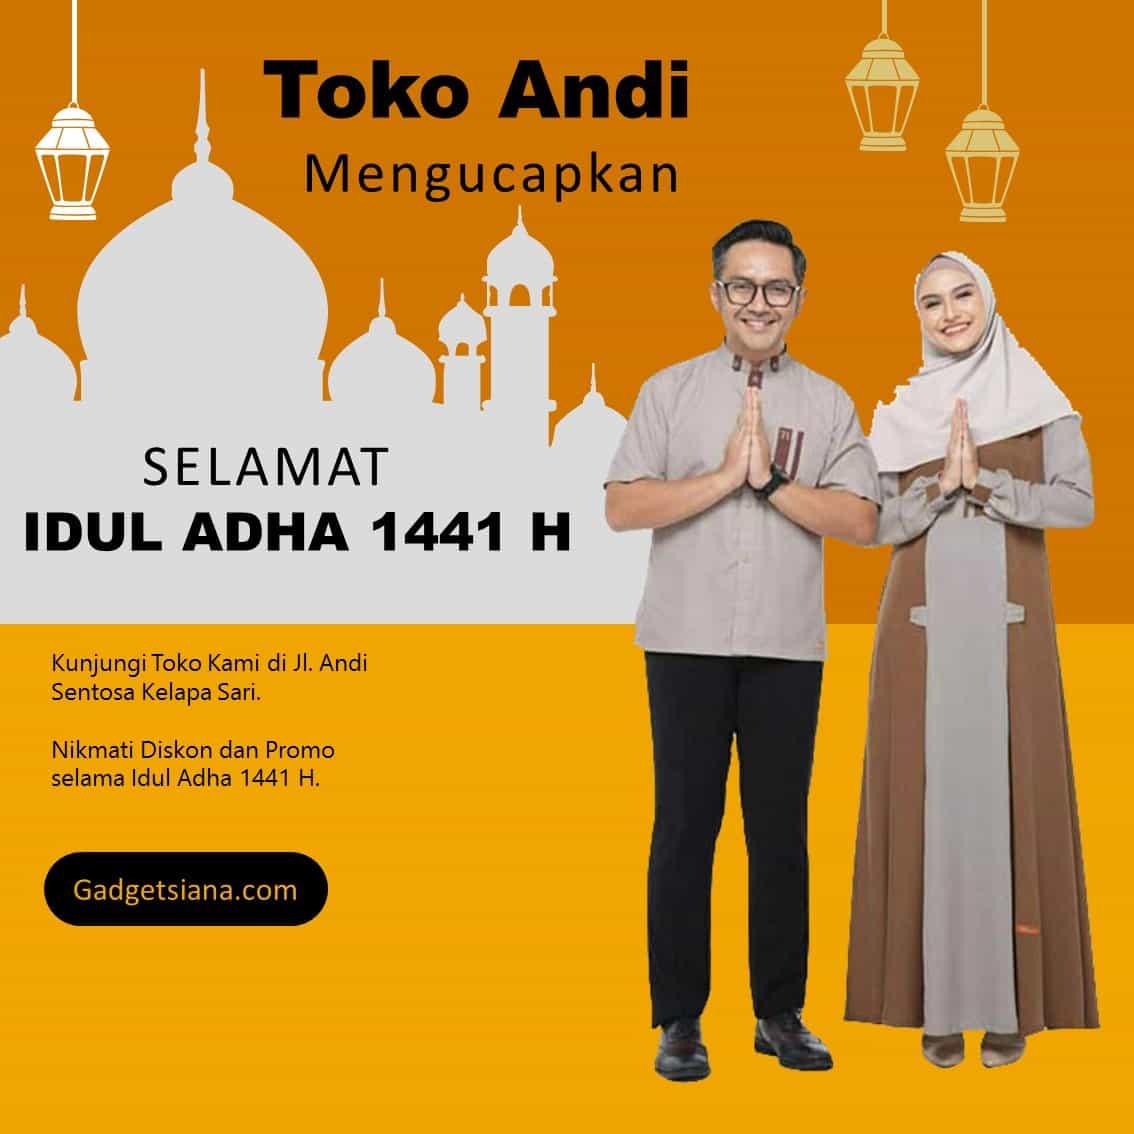 Download Gambar Ucapan Selamat Idul Adha 1441 H Mediasiana Com Situs Referensi Belajar Masakini